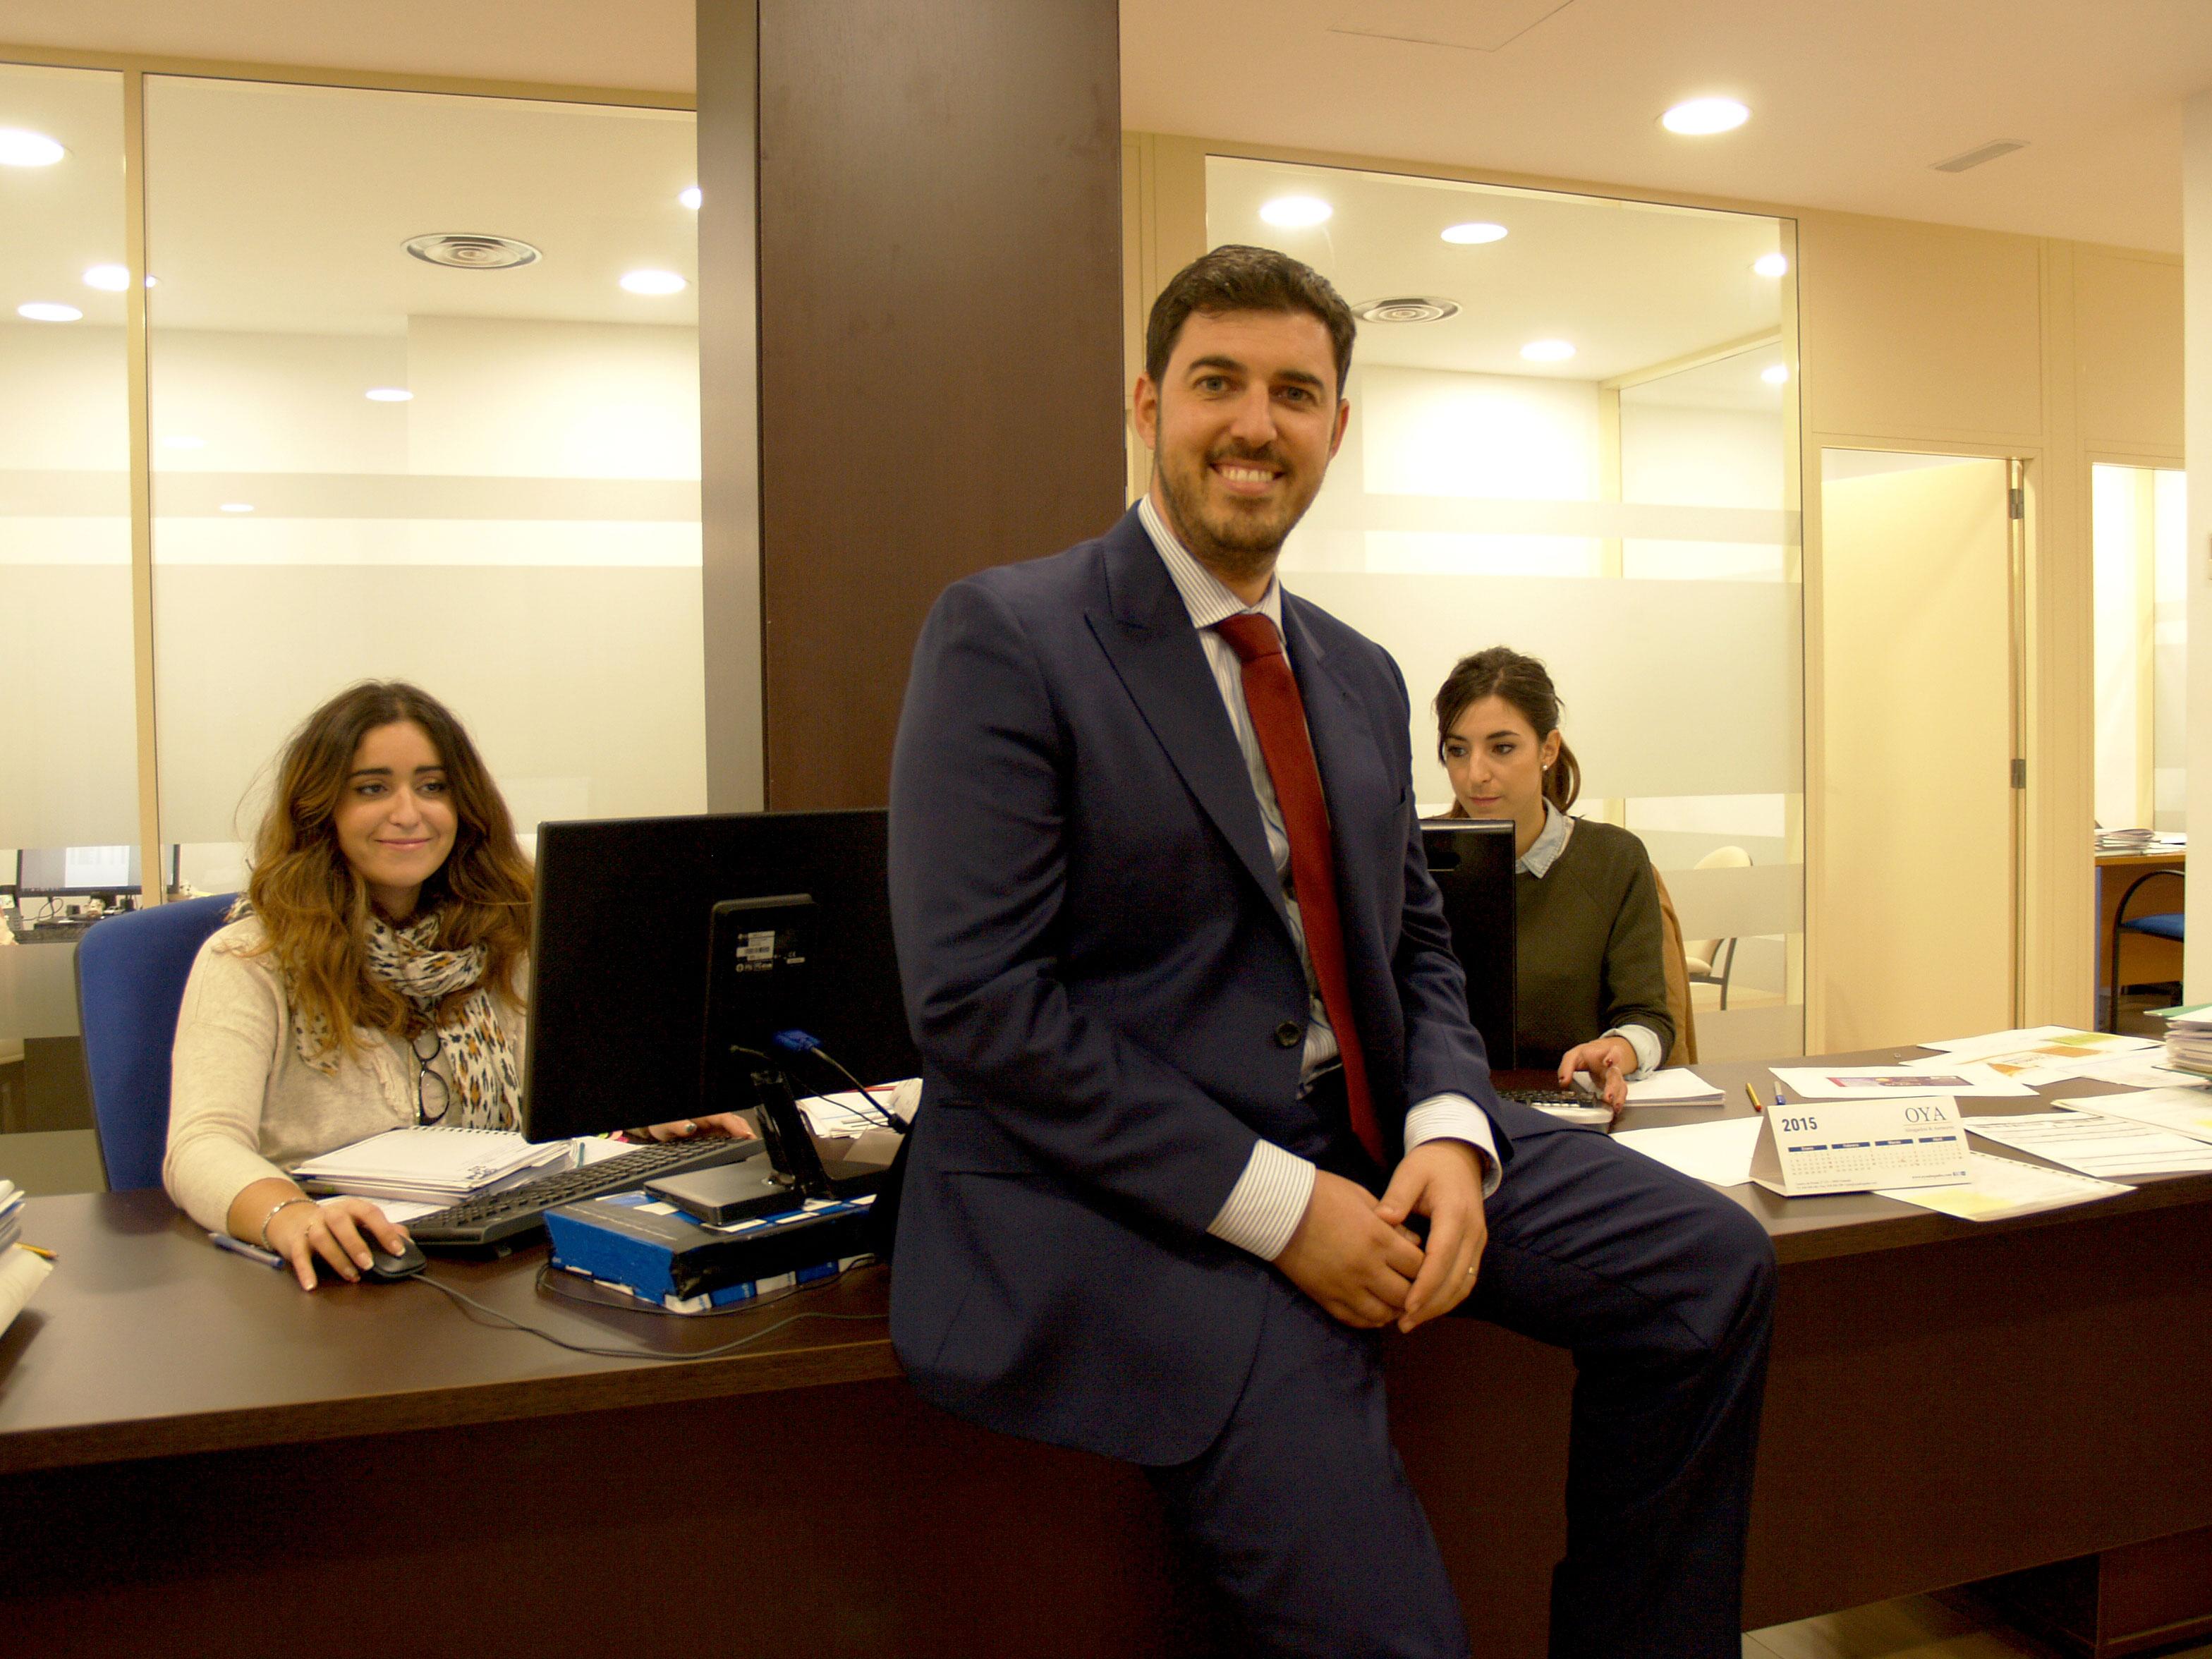 Carlos-Oya-Valverde-creación-de-empresas